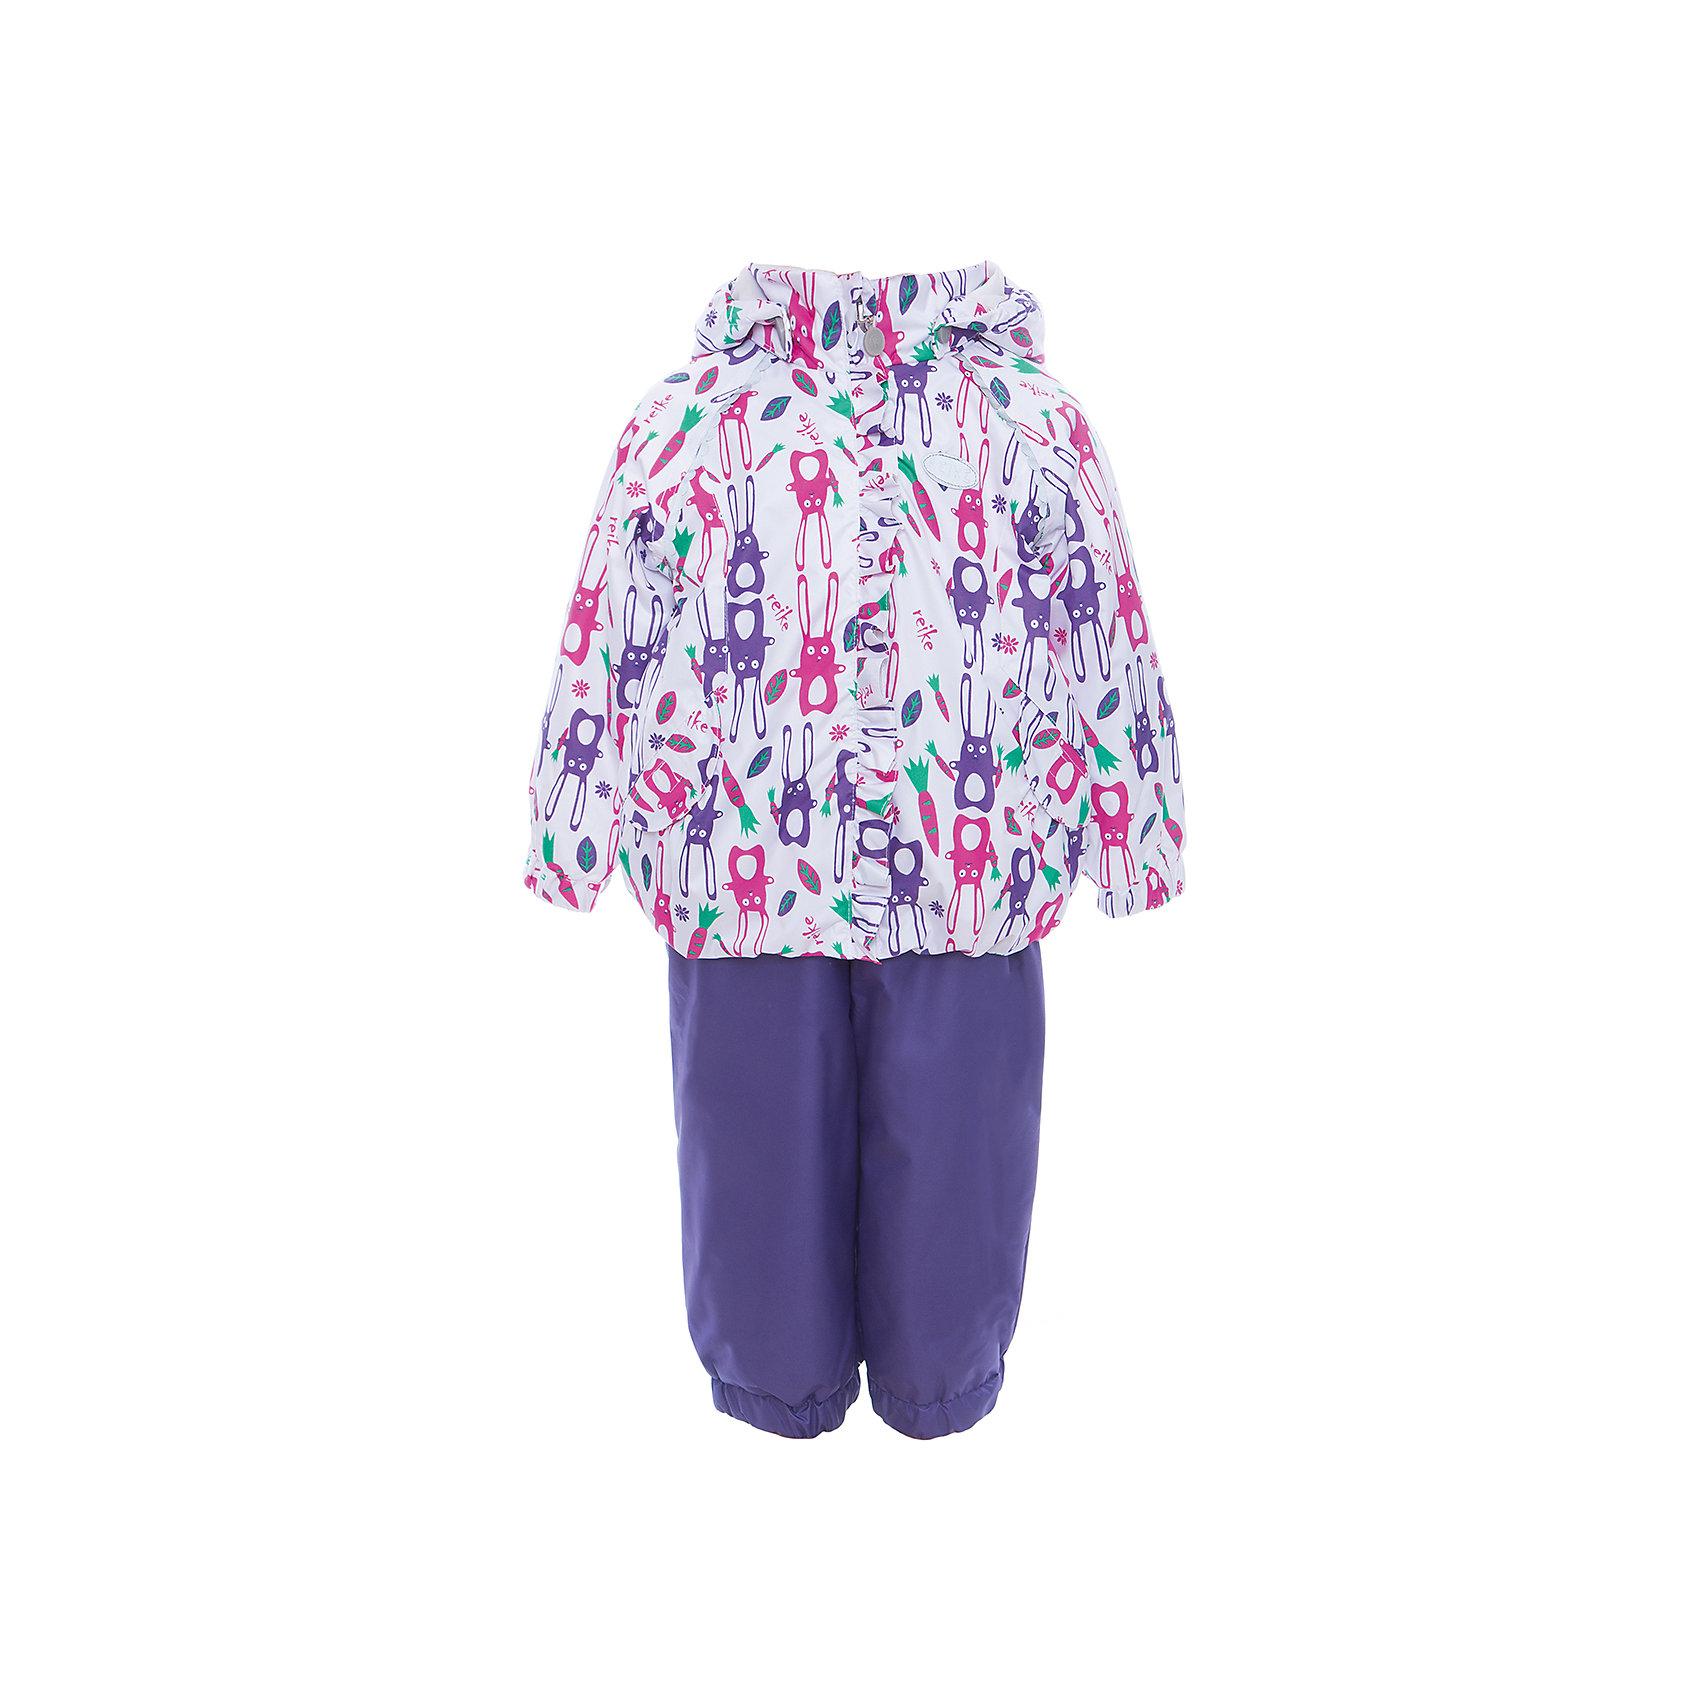 Комплект Reike для девочкиКомплект Reike для девочки<br>Комплект Reike Hares white выполнен из ветрозащитной, водонепроницаемой и дышащей мембранной ткани, декорированной принтом с забавными зайчиками, подкладка - 100% хлопок с велюровыми вставками на воротнике и манжетах. Куртка дополнена съемным капюшоном, двумя карманами на липучках, а также многочисленными светоотражающими элементами. Ветрозащитная планка в виде рюши со светоотражающей полоской вдоль молнии не допускает проникновения холодного воздуха. Эластичная талия полукомбинезона и регулируемые подтяжки гарантируют посадку по фигуре, длинная молния впереди облегчает процесс одевания. Полукомбинезон оснащен боковым карманом на молнии и съемными штрипками. Утеплитель в куртке 60 г, полукомбинезон без утепления. Базовый уровень. Коэффициент воздухопроницаемости комплекта 2000гр/м2/24 ч. Водоотталкивающее покрытие: 2000 мм. Состав: 100% полиэстер, подкладка: 100% хлопок.<br>Состав:<br>100% ПЭ  утеплитель: 100% ПЭ  подкладка: 100% хлопок<br><br>Ширина мм: 215<br>Глубина мм: 88<br>Высота мм: 191<br>Вес г: 336<br>Цвет: белый<br>Возраст от месяцев: 24<br>Возраст до месяцев: 36<br>Пол: Женский<br>Возраст: Детский<br>Размер: 98,80,86,92<br>SKU: 5429949